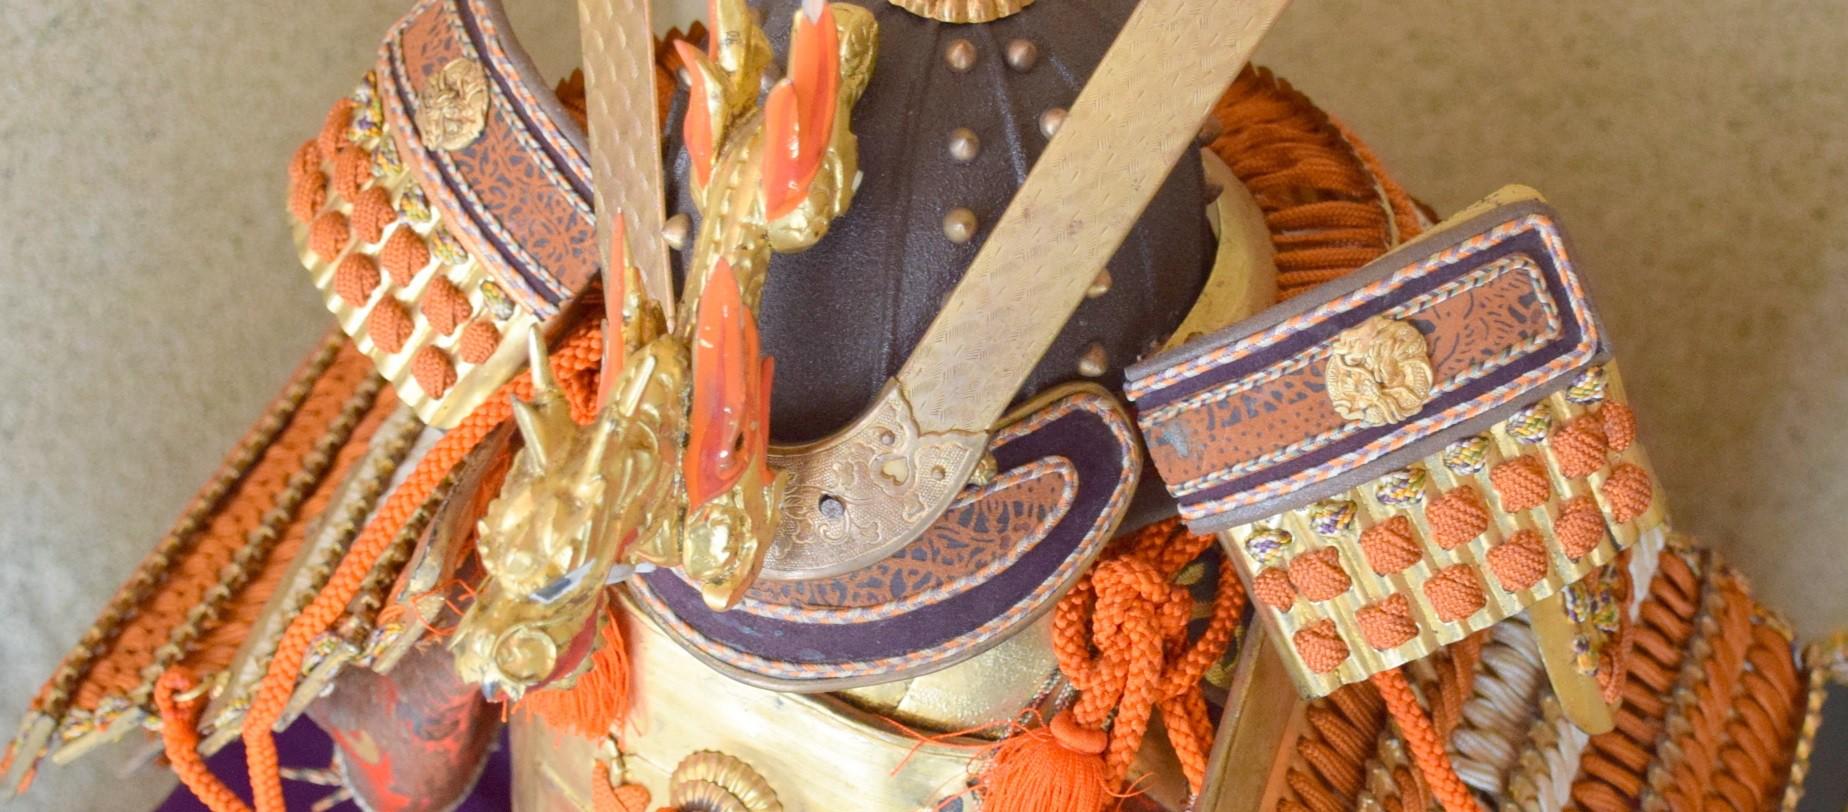 armour antique yoroi kabuto